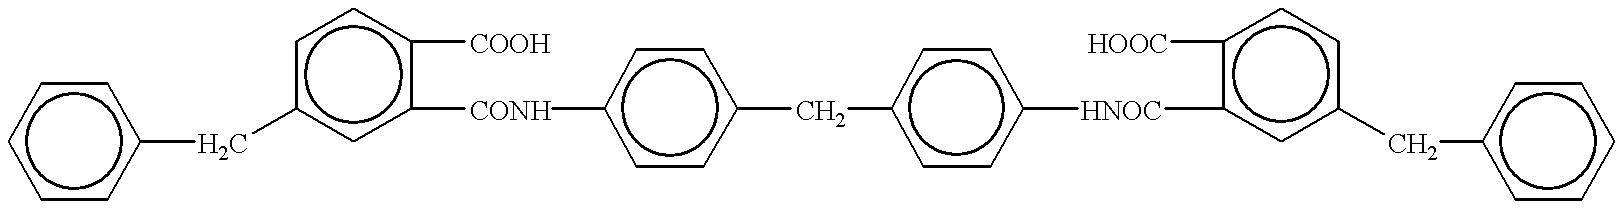 Figure US06180560-20010130-C00423